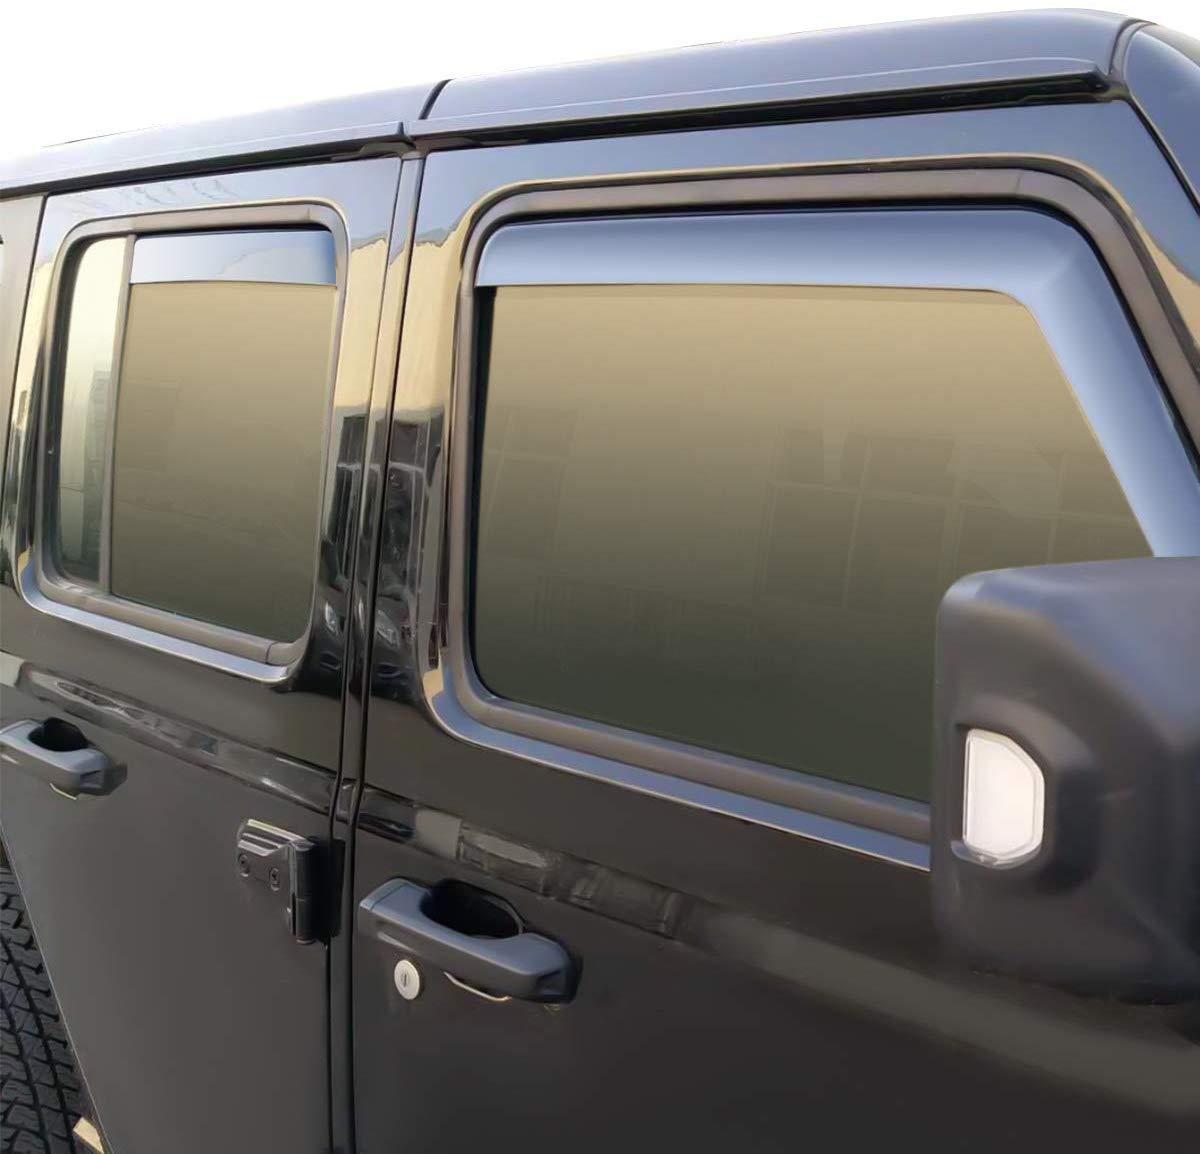 L/&U En la Ventana Visor Canal Deflectores de Ventanas Laterales Parabrisas Lluvia y Viento Guardia Parasol Sombra para Jeep Wrangler JK 2007-2017,2door